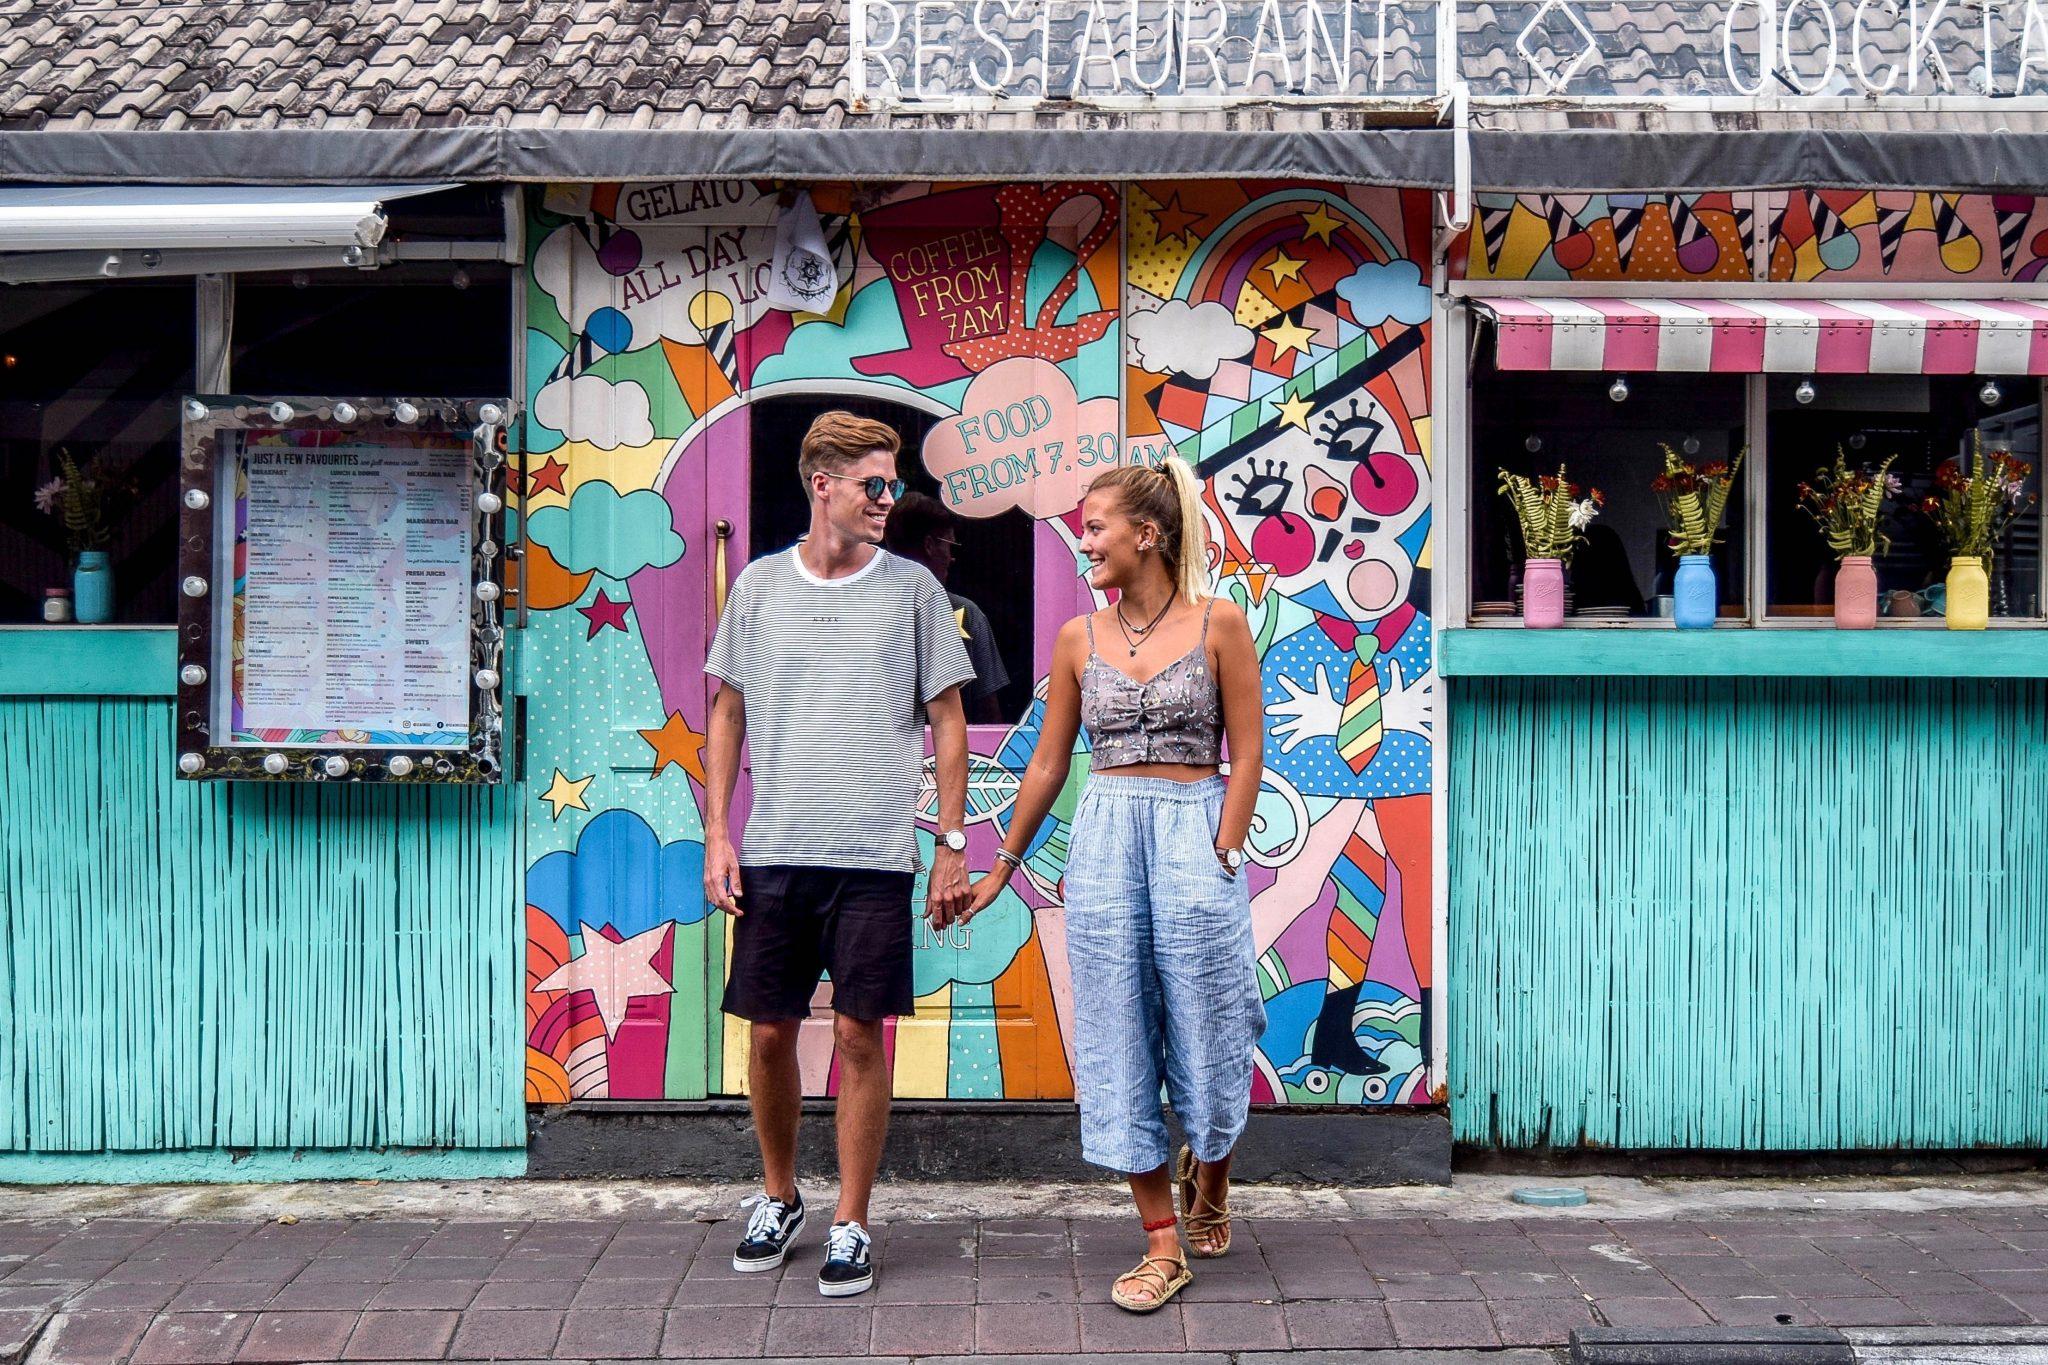 Wanderers & Warriors - Charlie & Lauren UK Travel Couple - Sea Circus Seminyak - Best Restaurants In Bali Restaurants - Best Restaurants In Seminyak